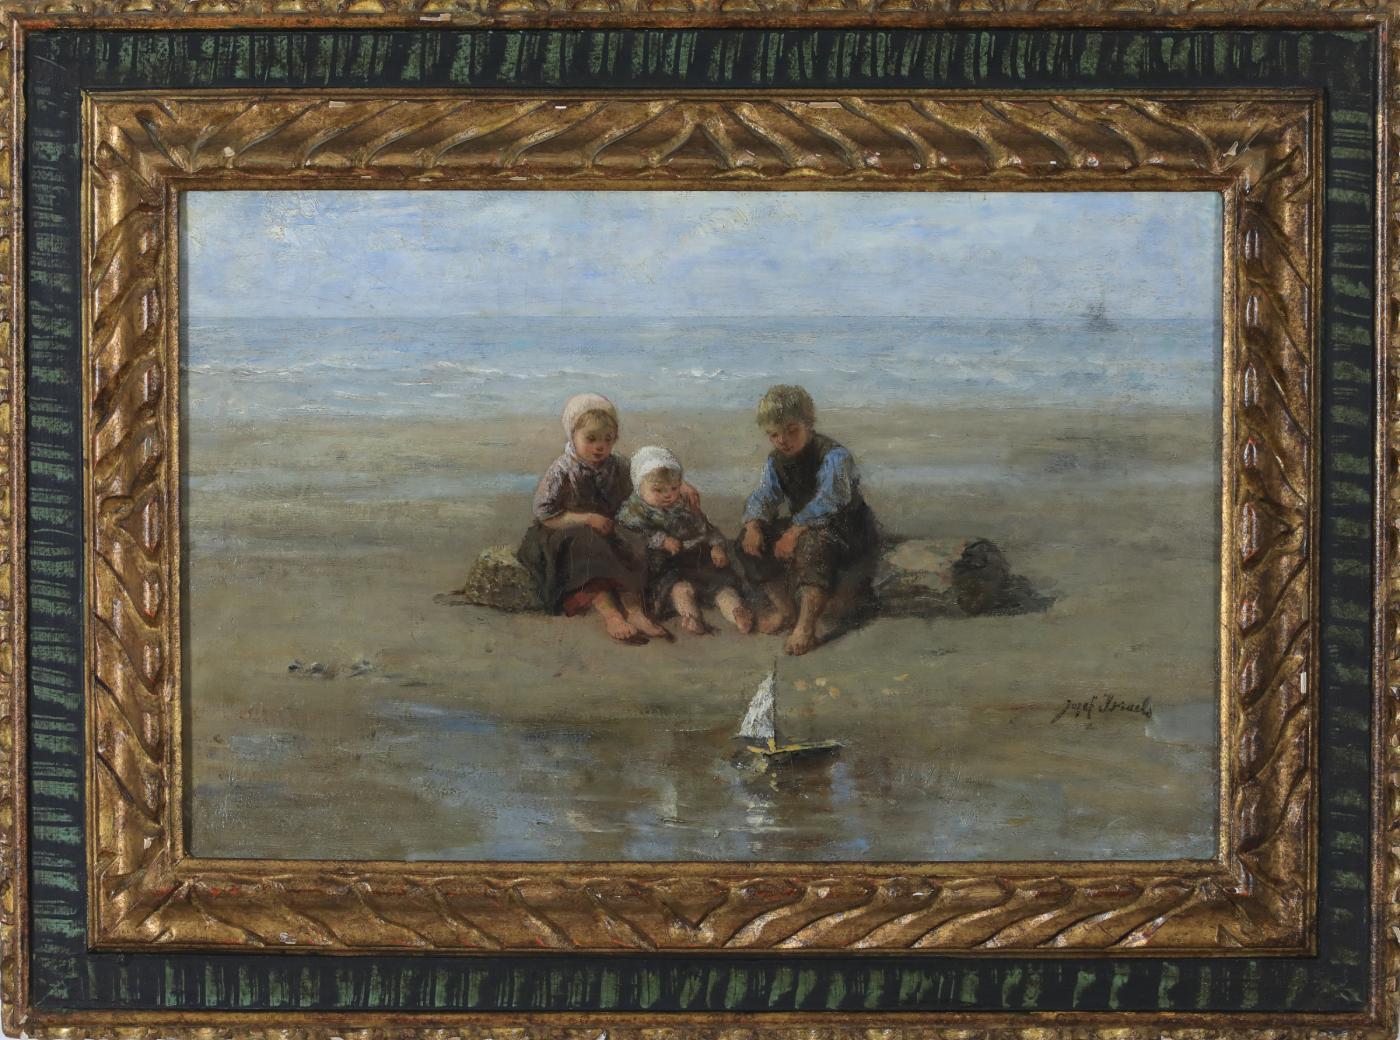 Three Children by the Beach by Jozef Israëls